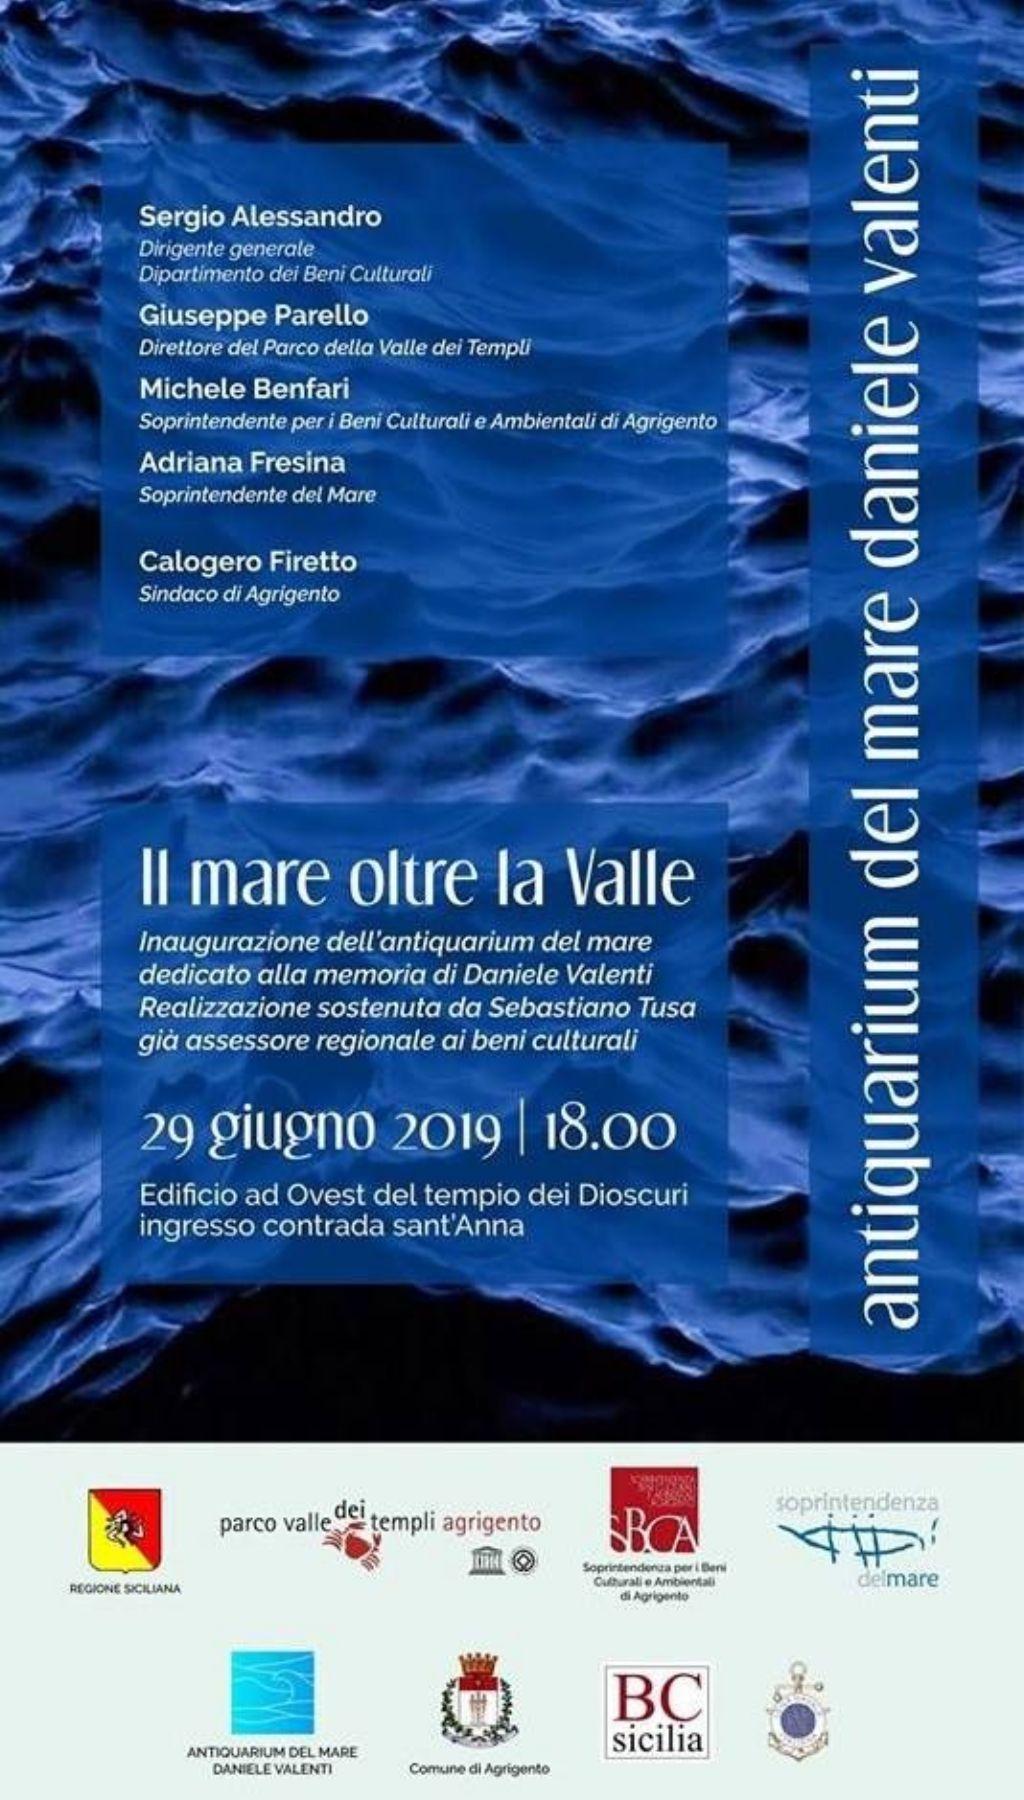 Agrigento, inaugurazione Antiquarium del mare Daniele Valenti.